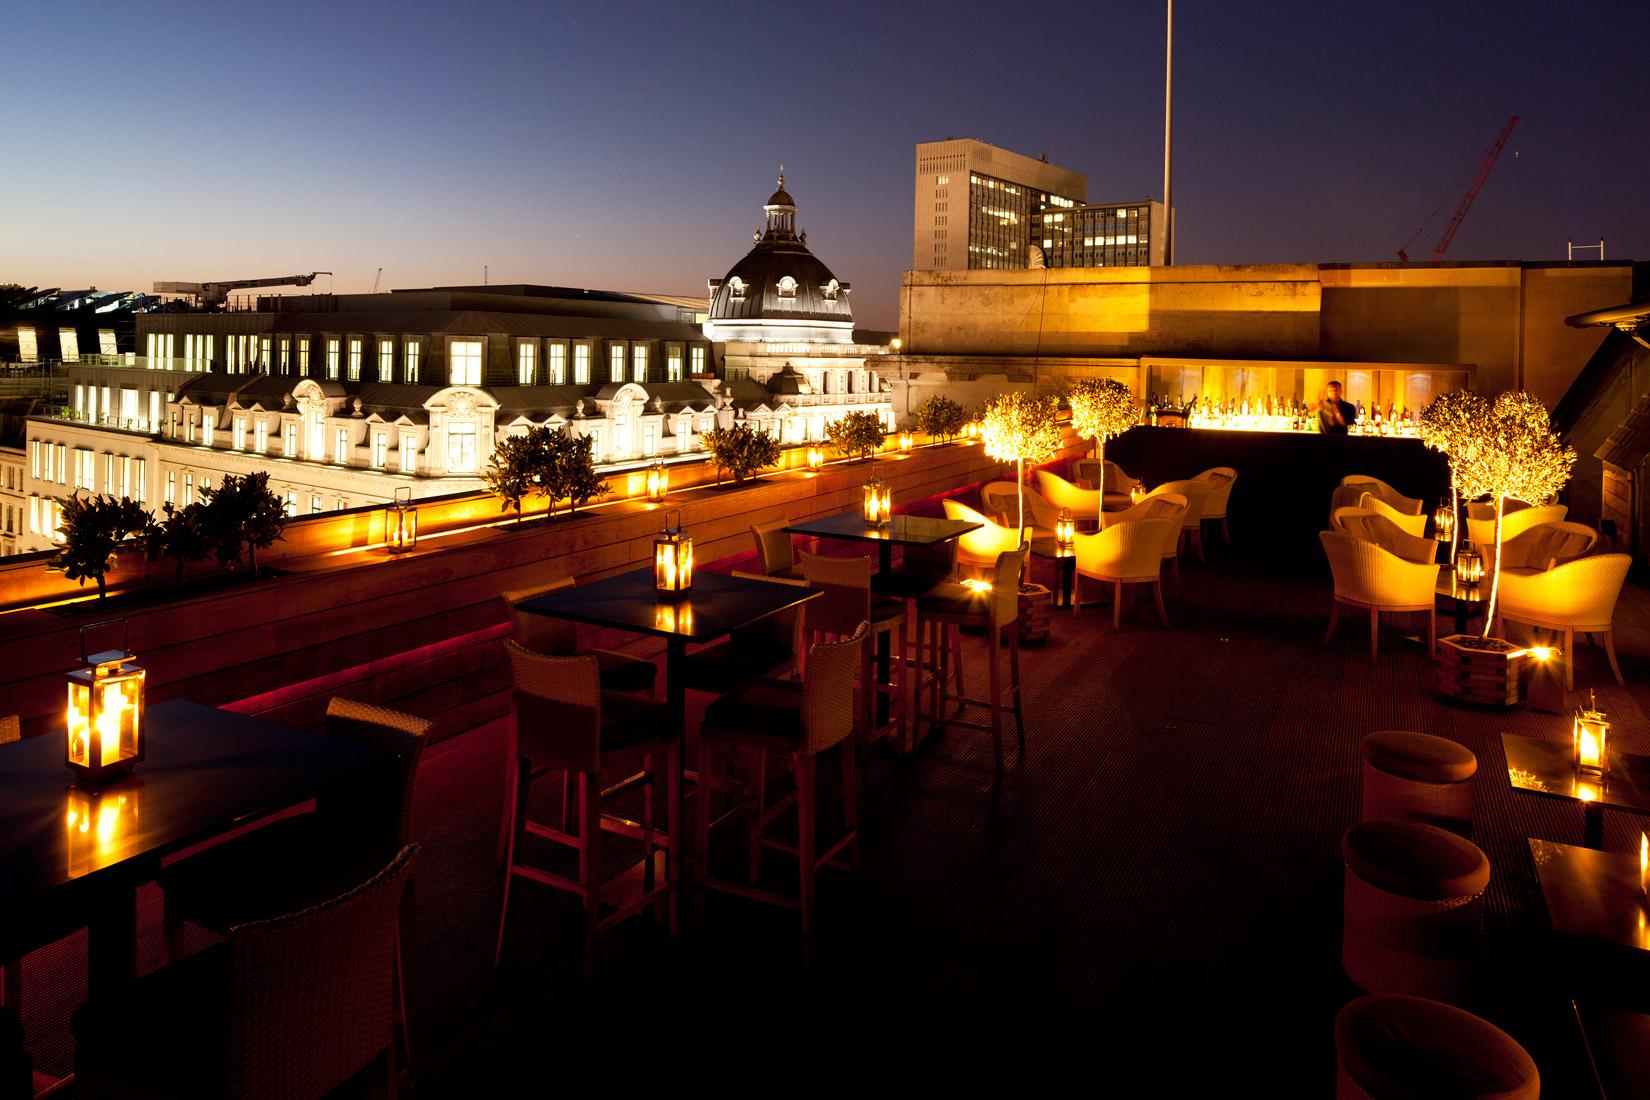 The aqua kyoto terrace